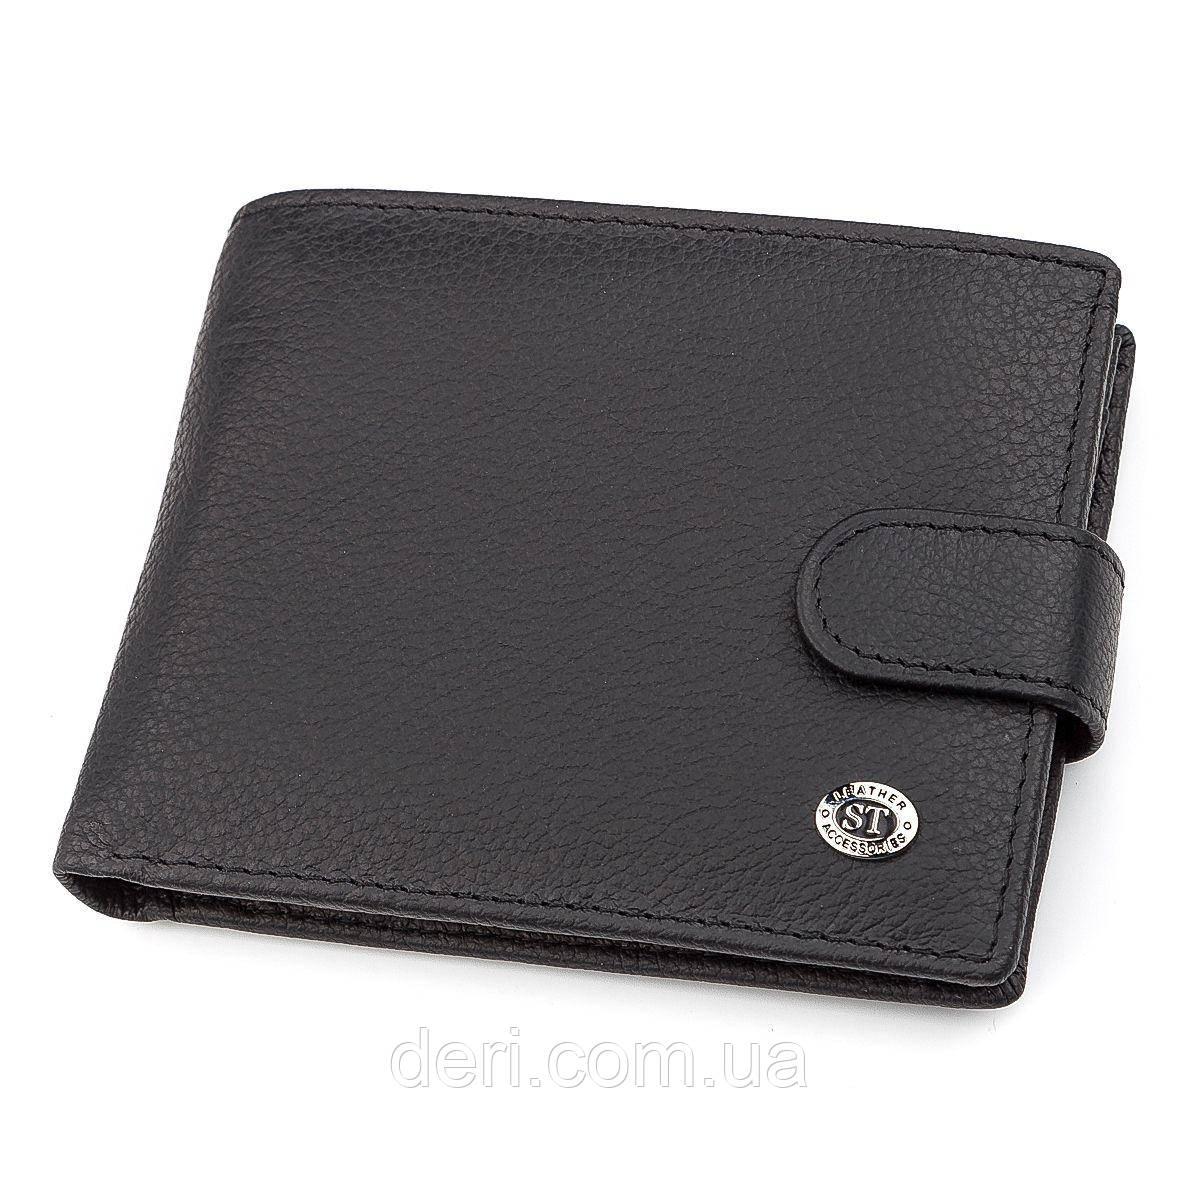 Мужской кошелек ST Leather 18328 (ST137) итальянская кожа Черный, Черный